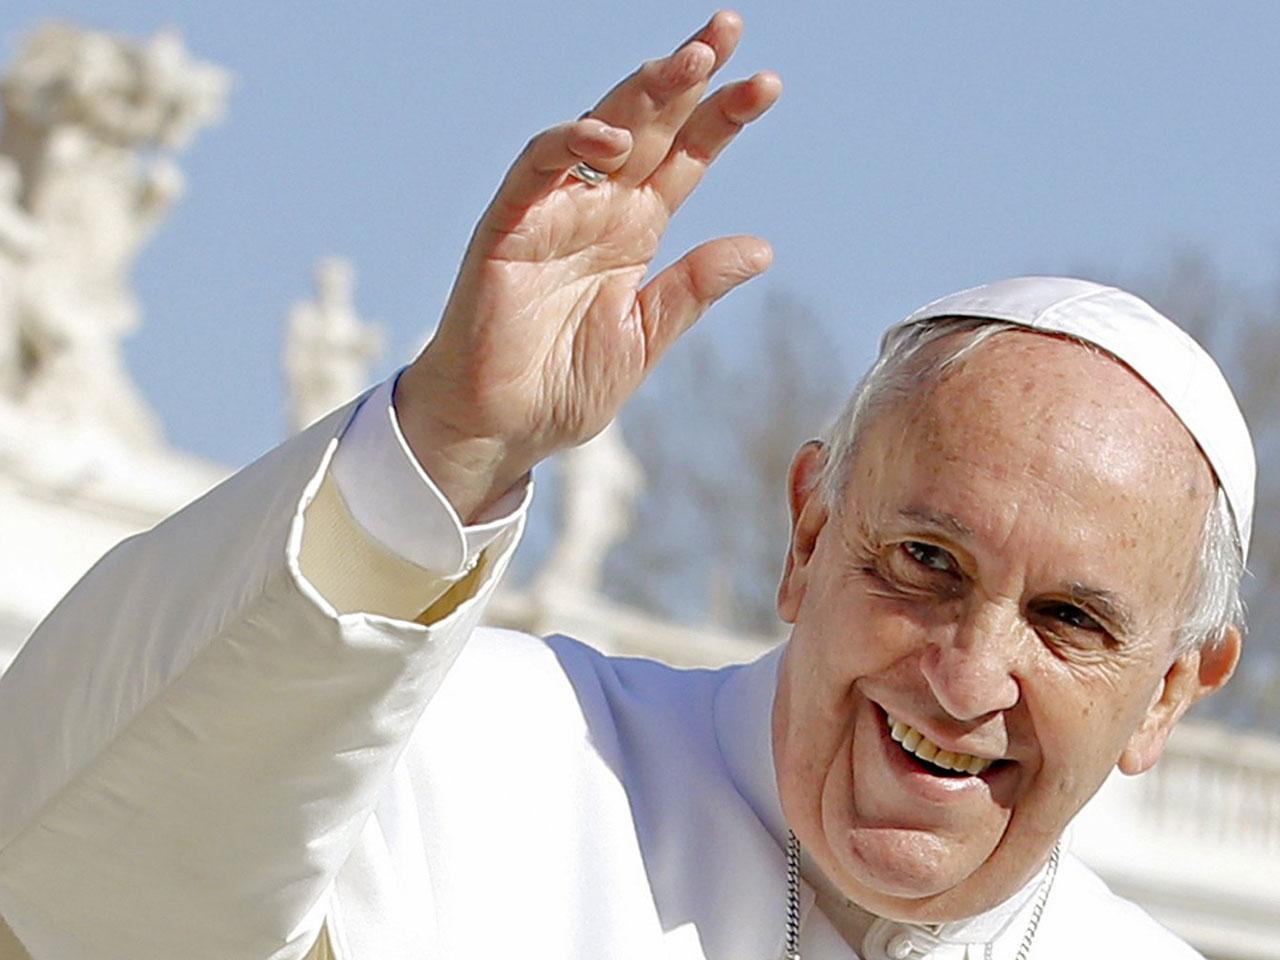 Messaggio del Papa per la Quaresima 2020